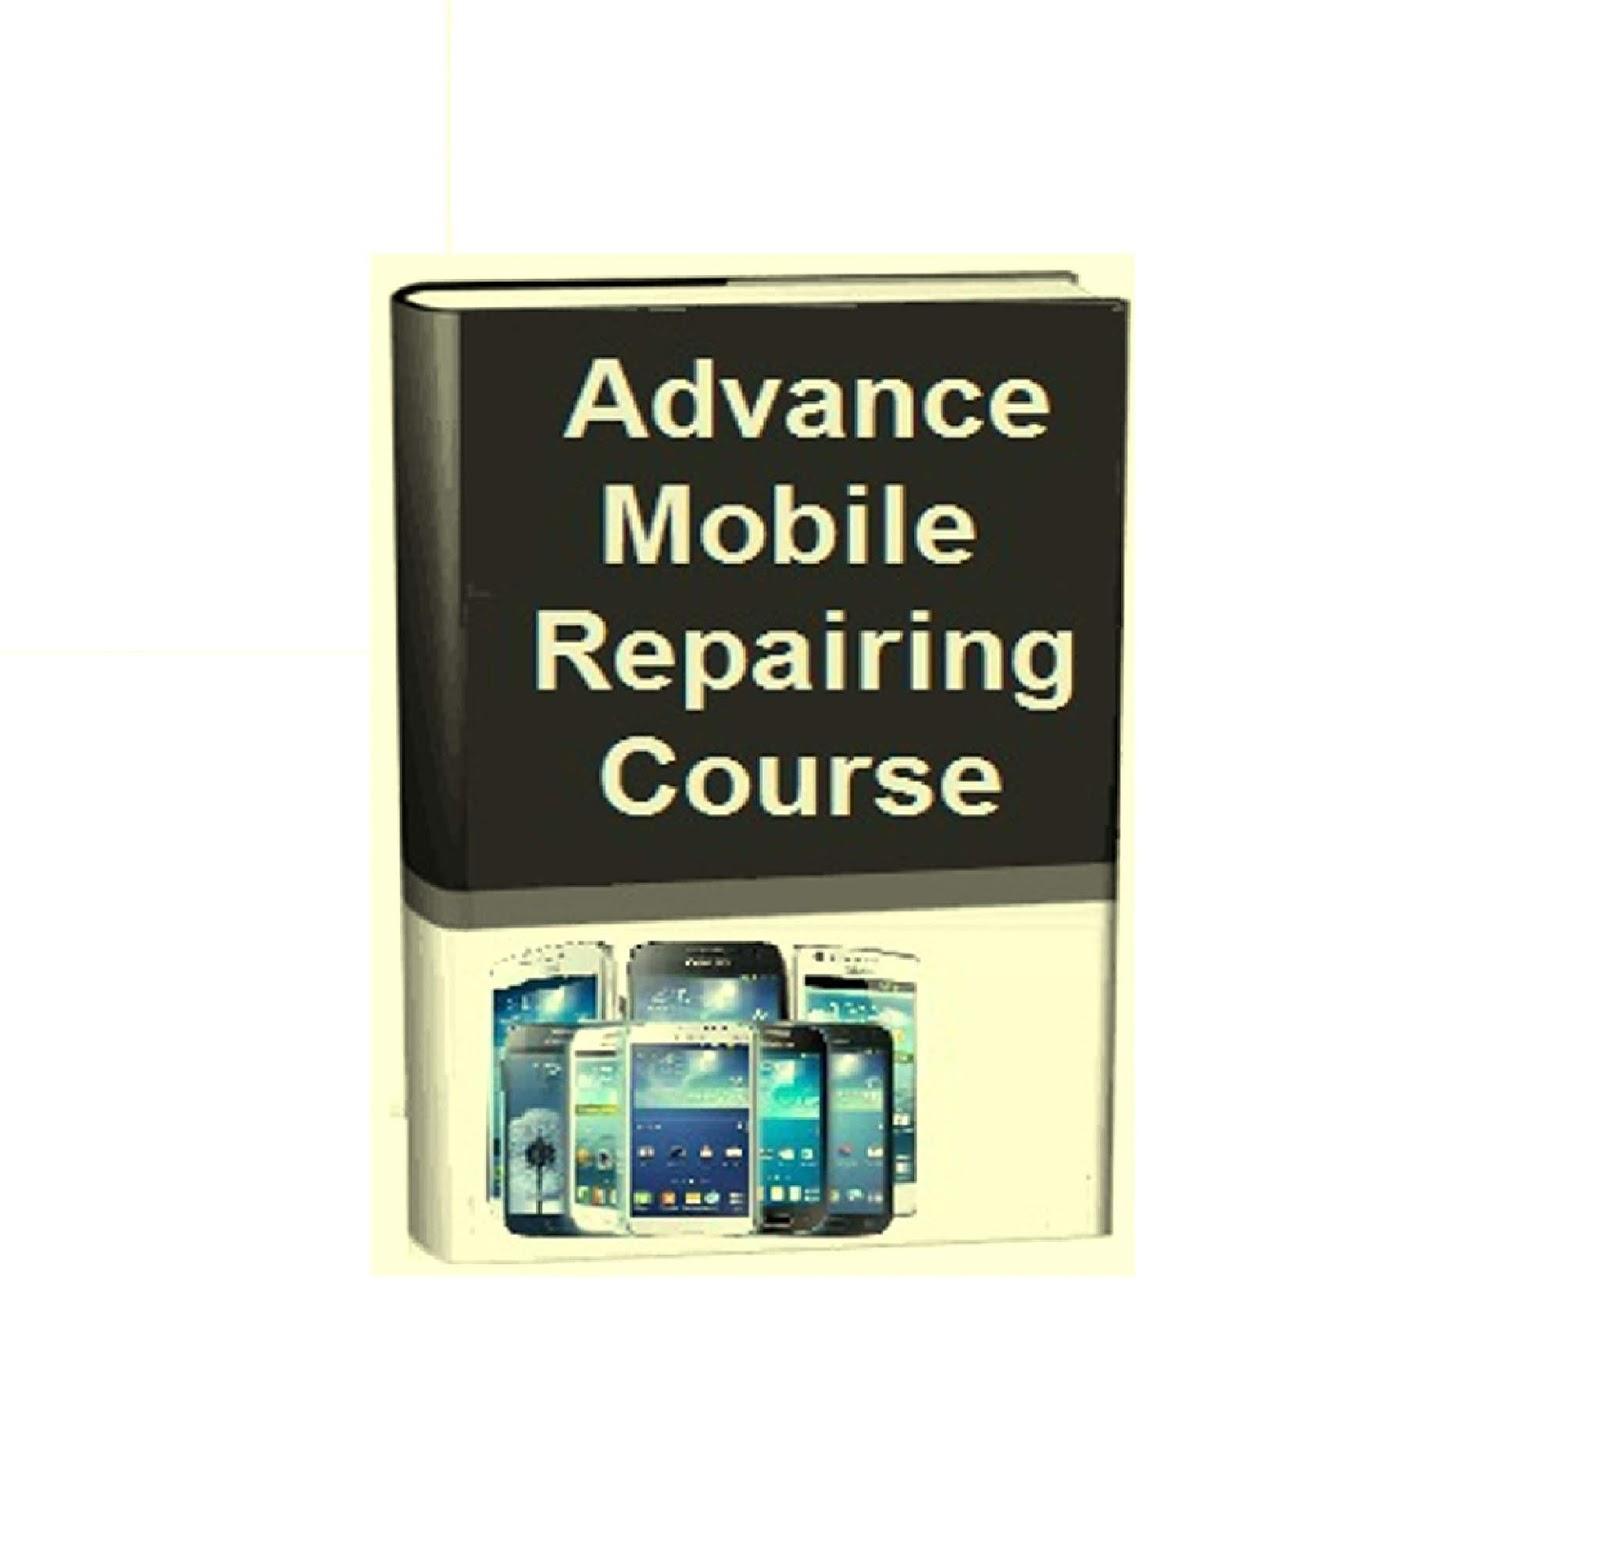 Mobile Phone Repairing PDF Book Free Tutorial & Guide